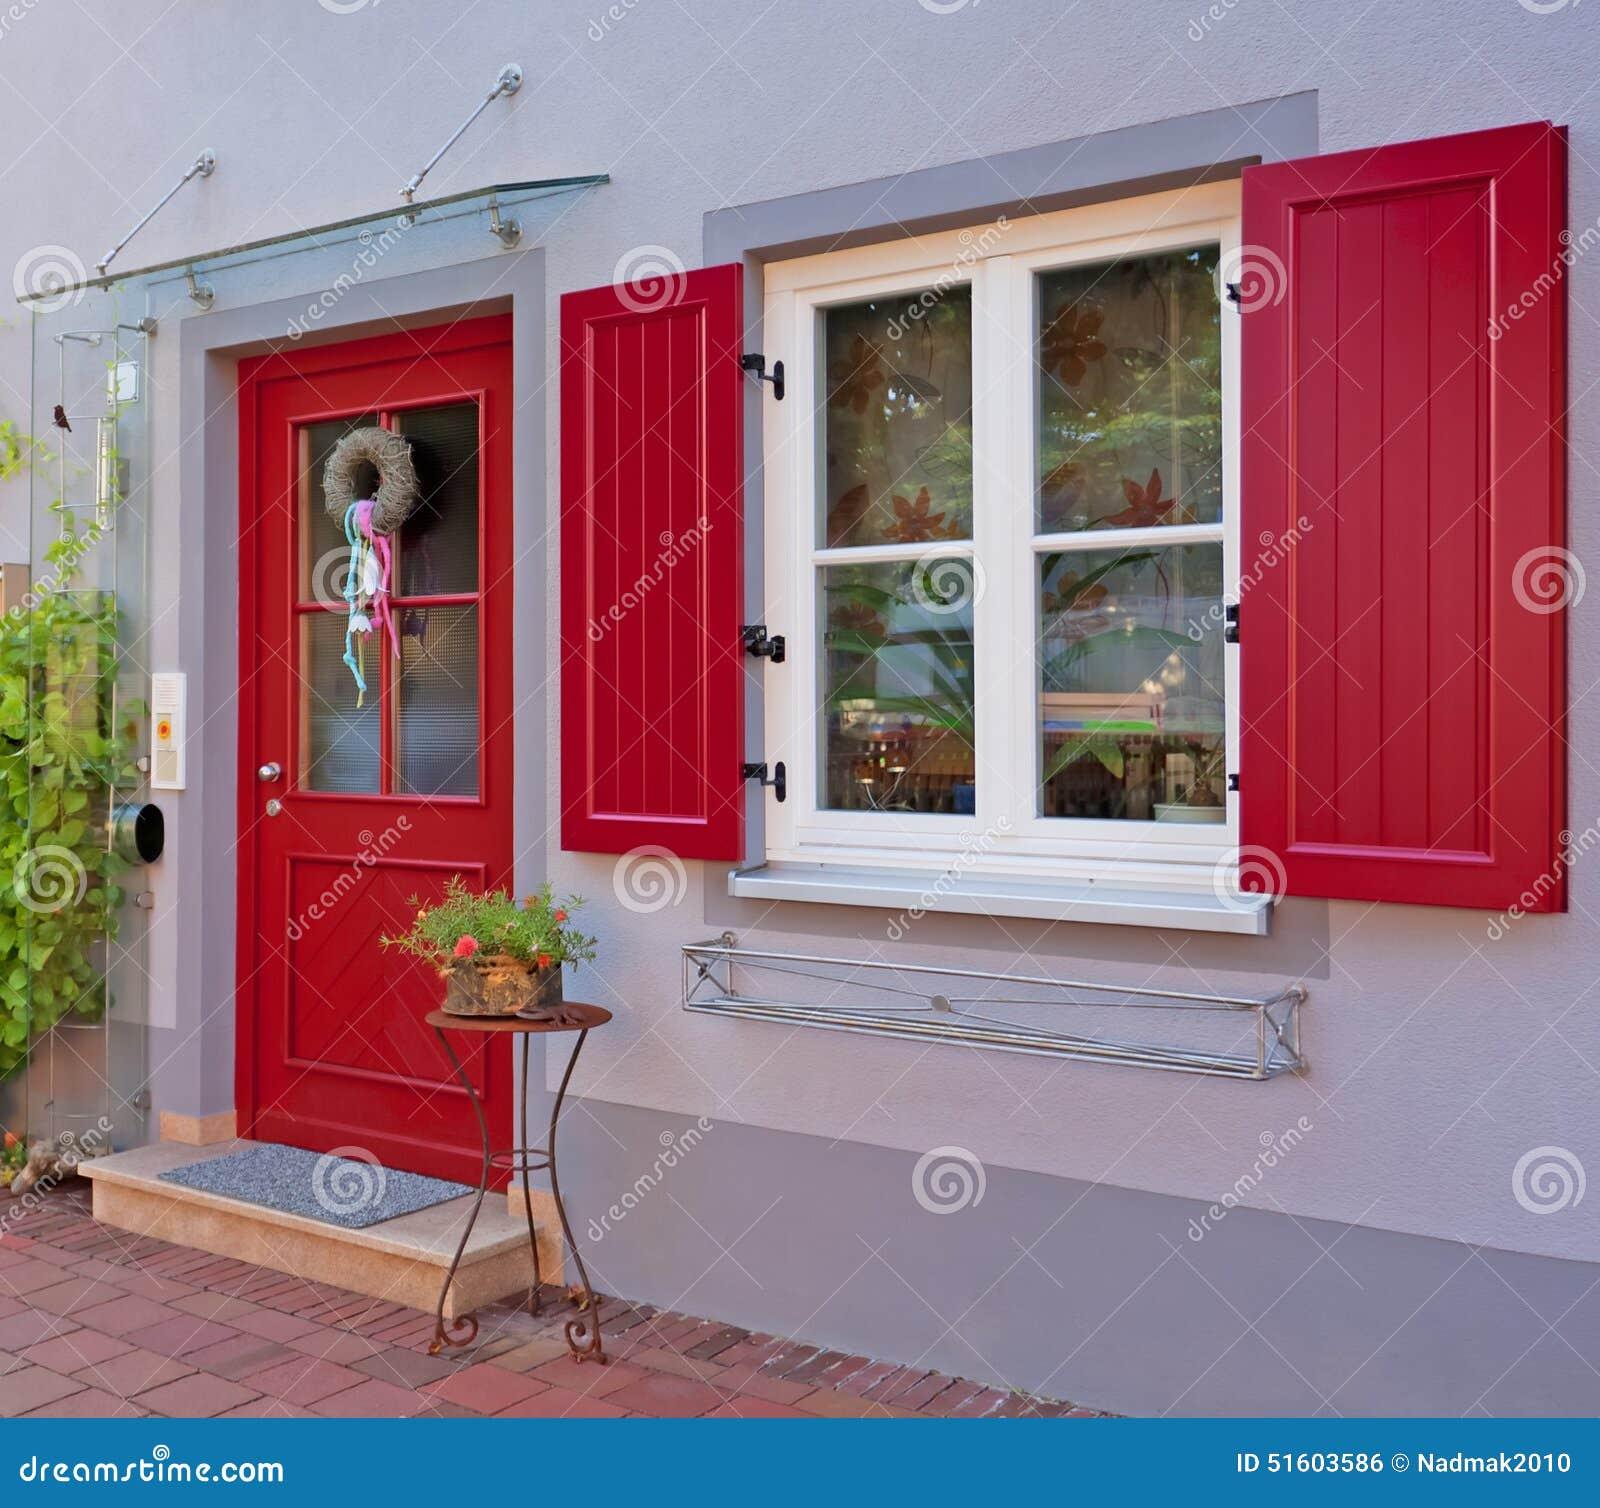 Porte d 39 entr e une maison r sidentielle photo stock for Portent une maison lacustre